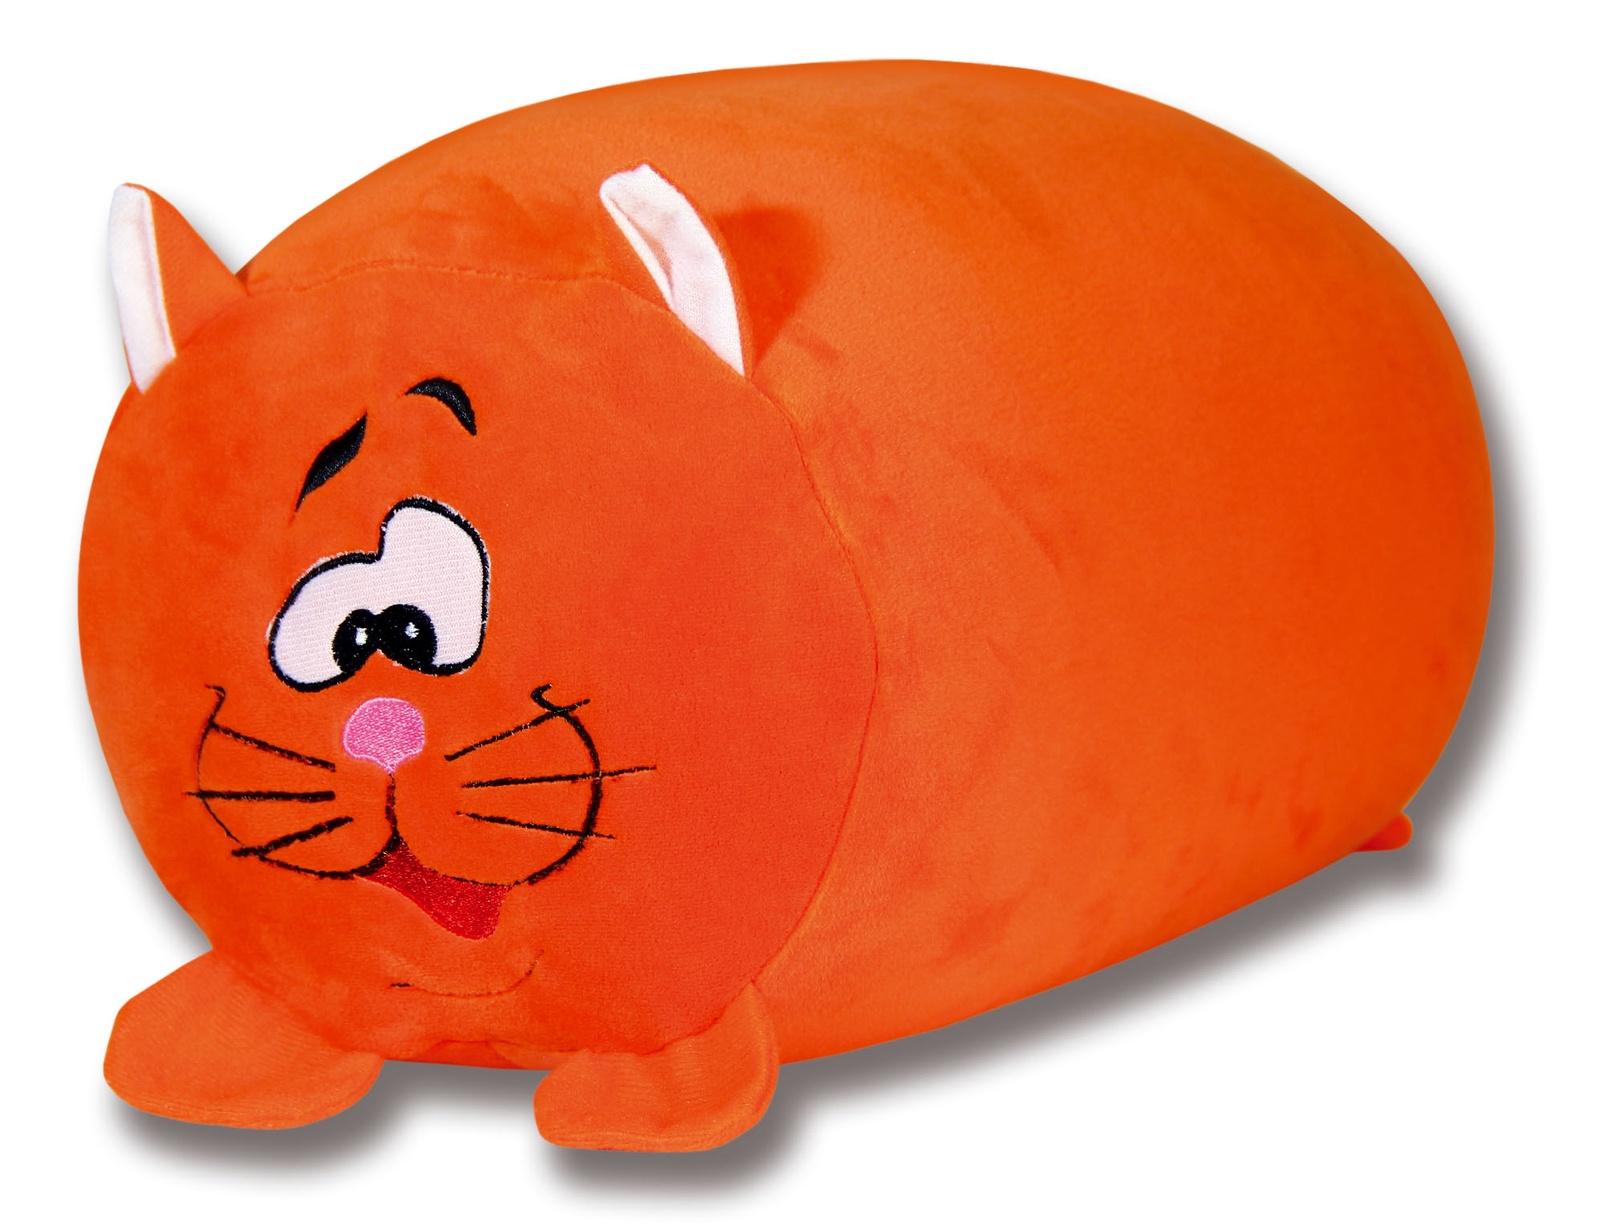 Подушка-валик антистрессовая Штучки, к которым тянутся ручки Зверь. Кот, цвет: оранжевый, 33 x 23 см подушка валик антистрессовая штучки к которым тянутся ручки кот полосатый цвет малиновый 38 x 18 см